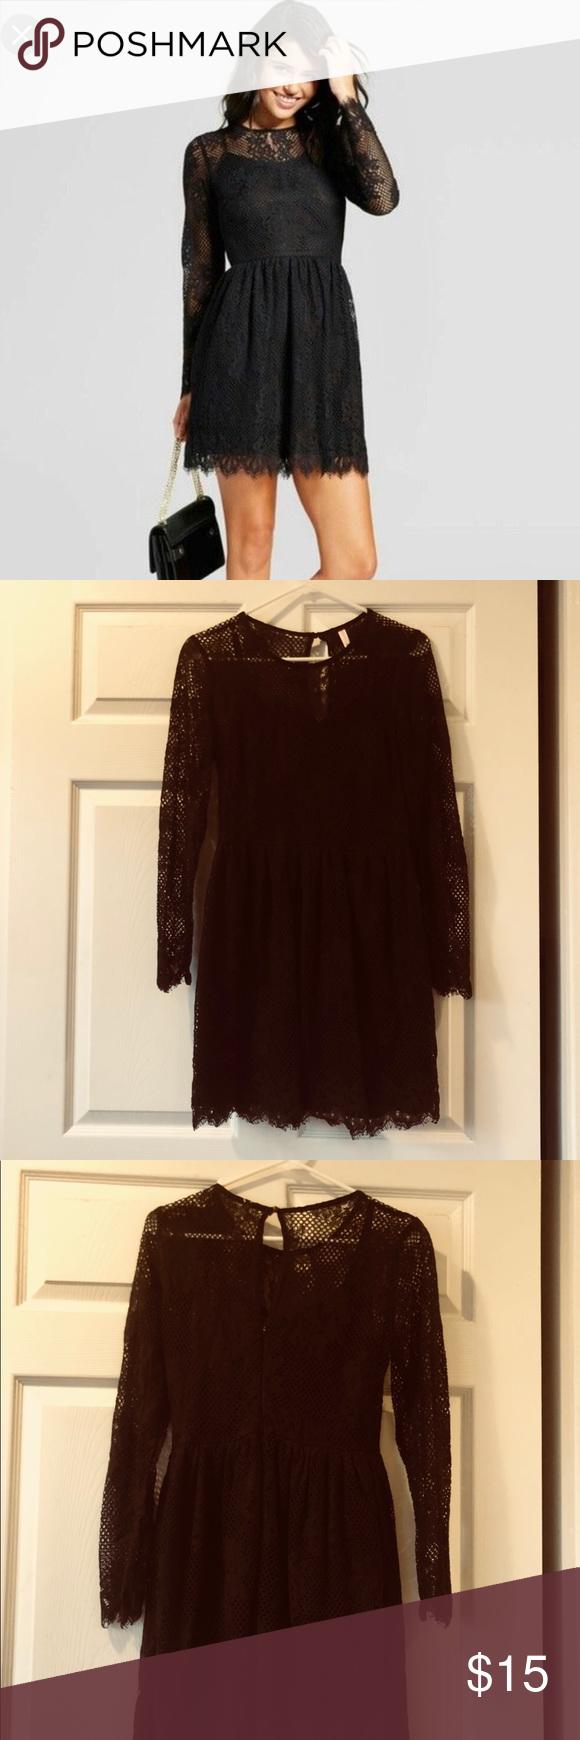 Lace Black Dress Lace Dress Black Dresses Clothes Design [ 1740 x 580 Pixel ]